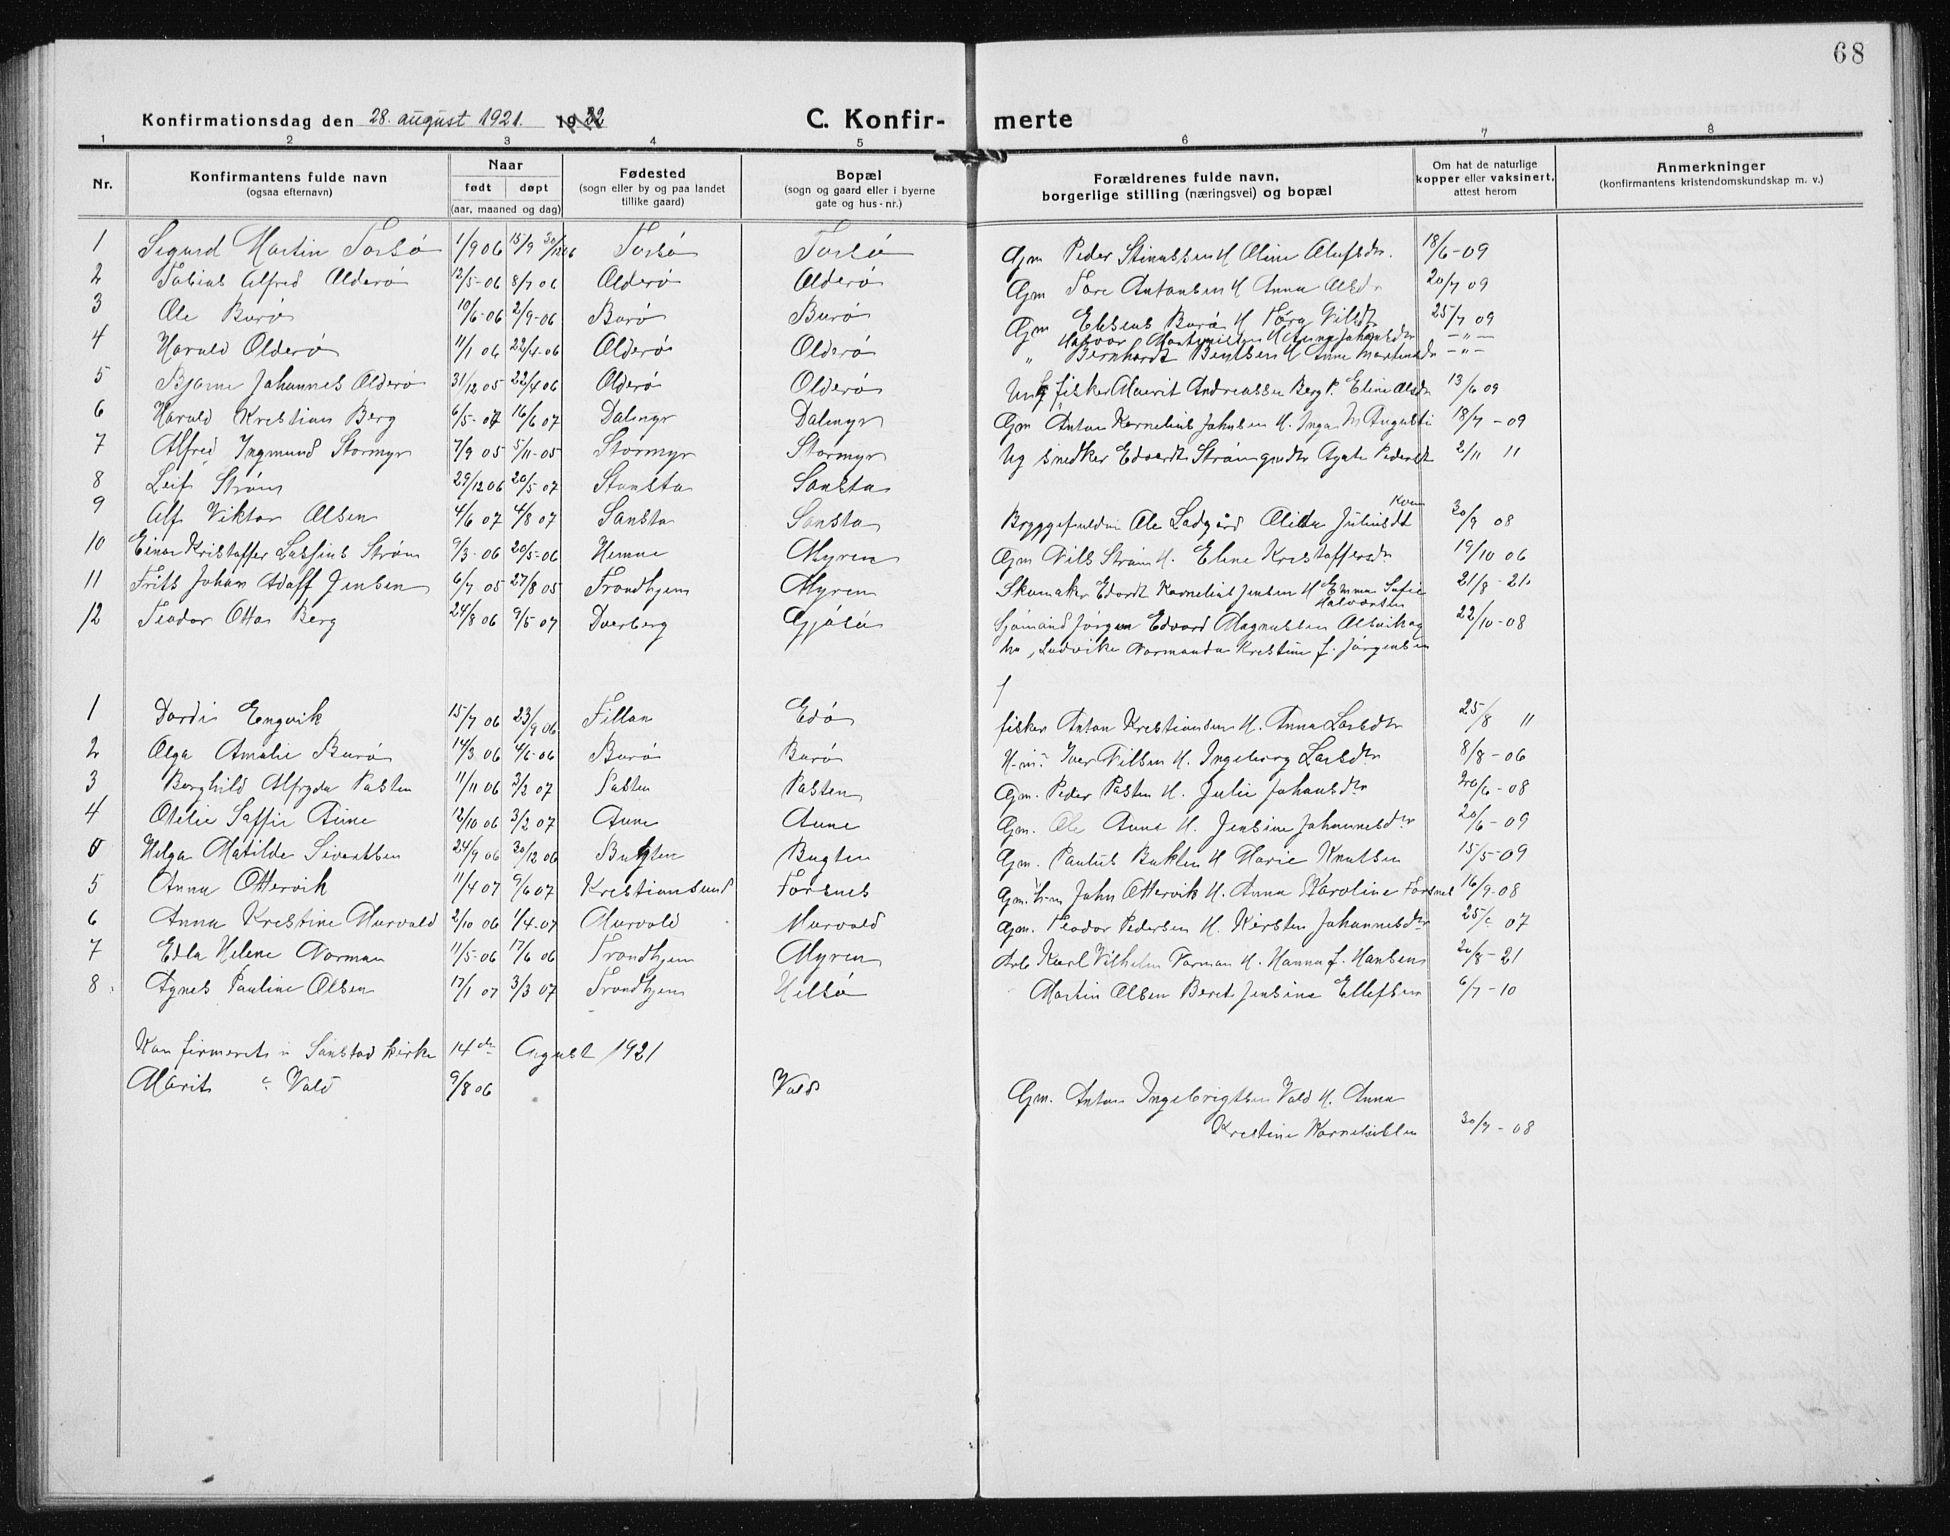 SAT, Ministerialprotokoller, klokkerbøker og fødselsregistre - Sør-Trøndelag, 635/L0554: Klokkerbok nr. 635C02, 1919-1942, s. 68